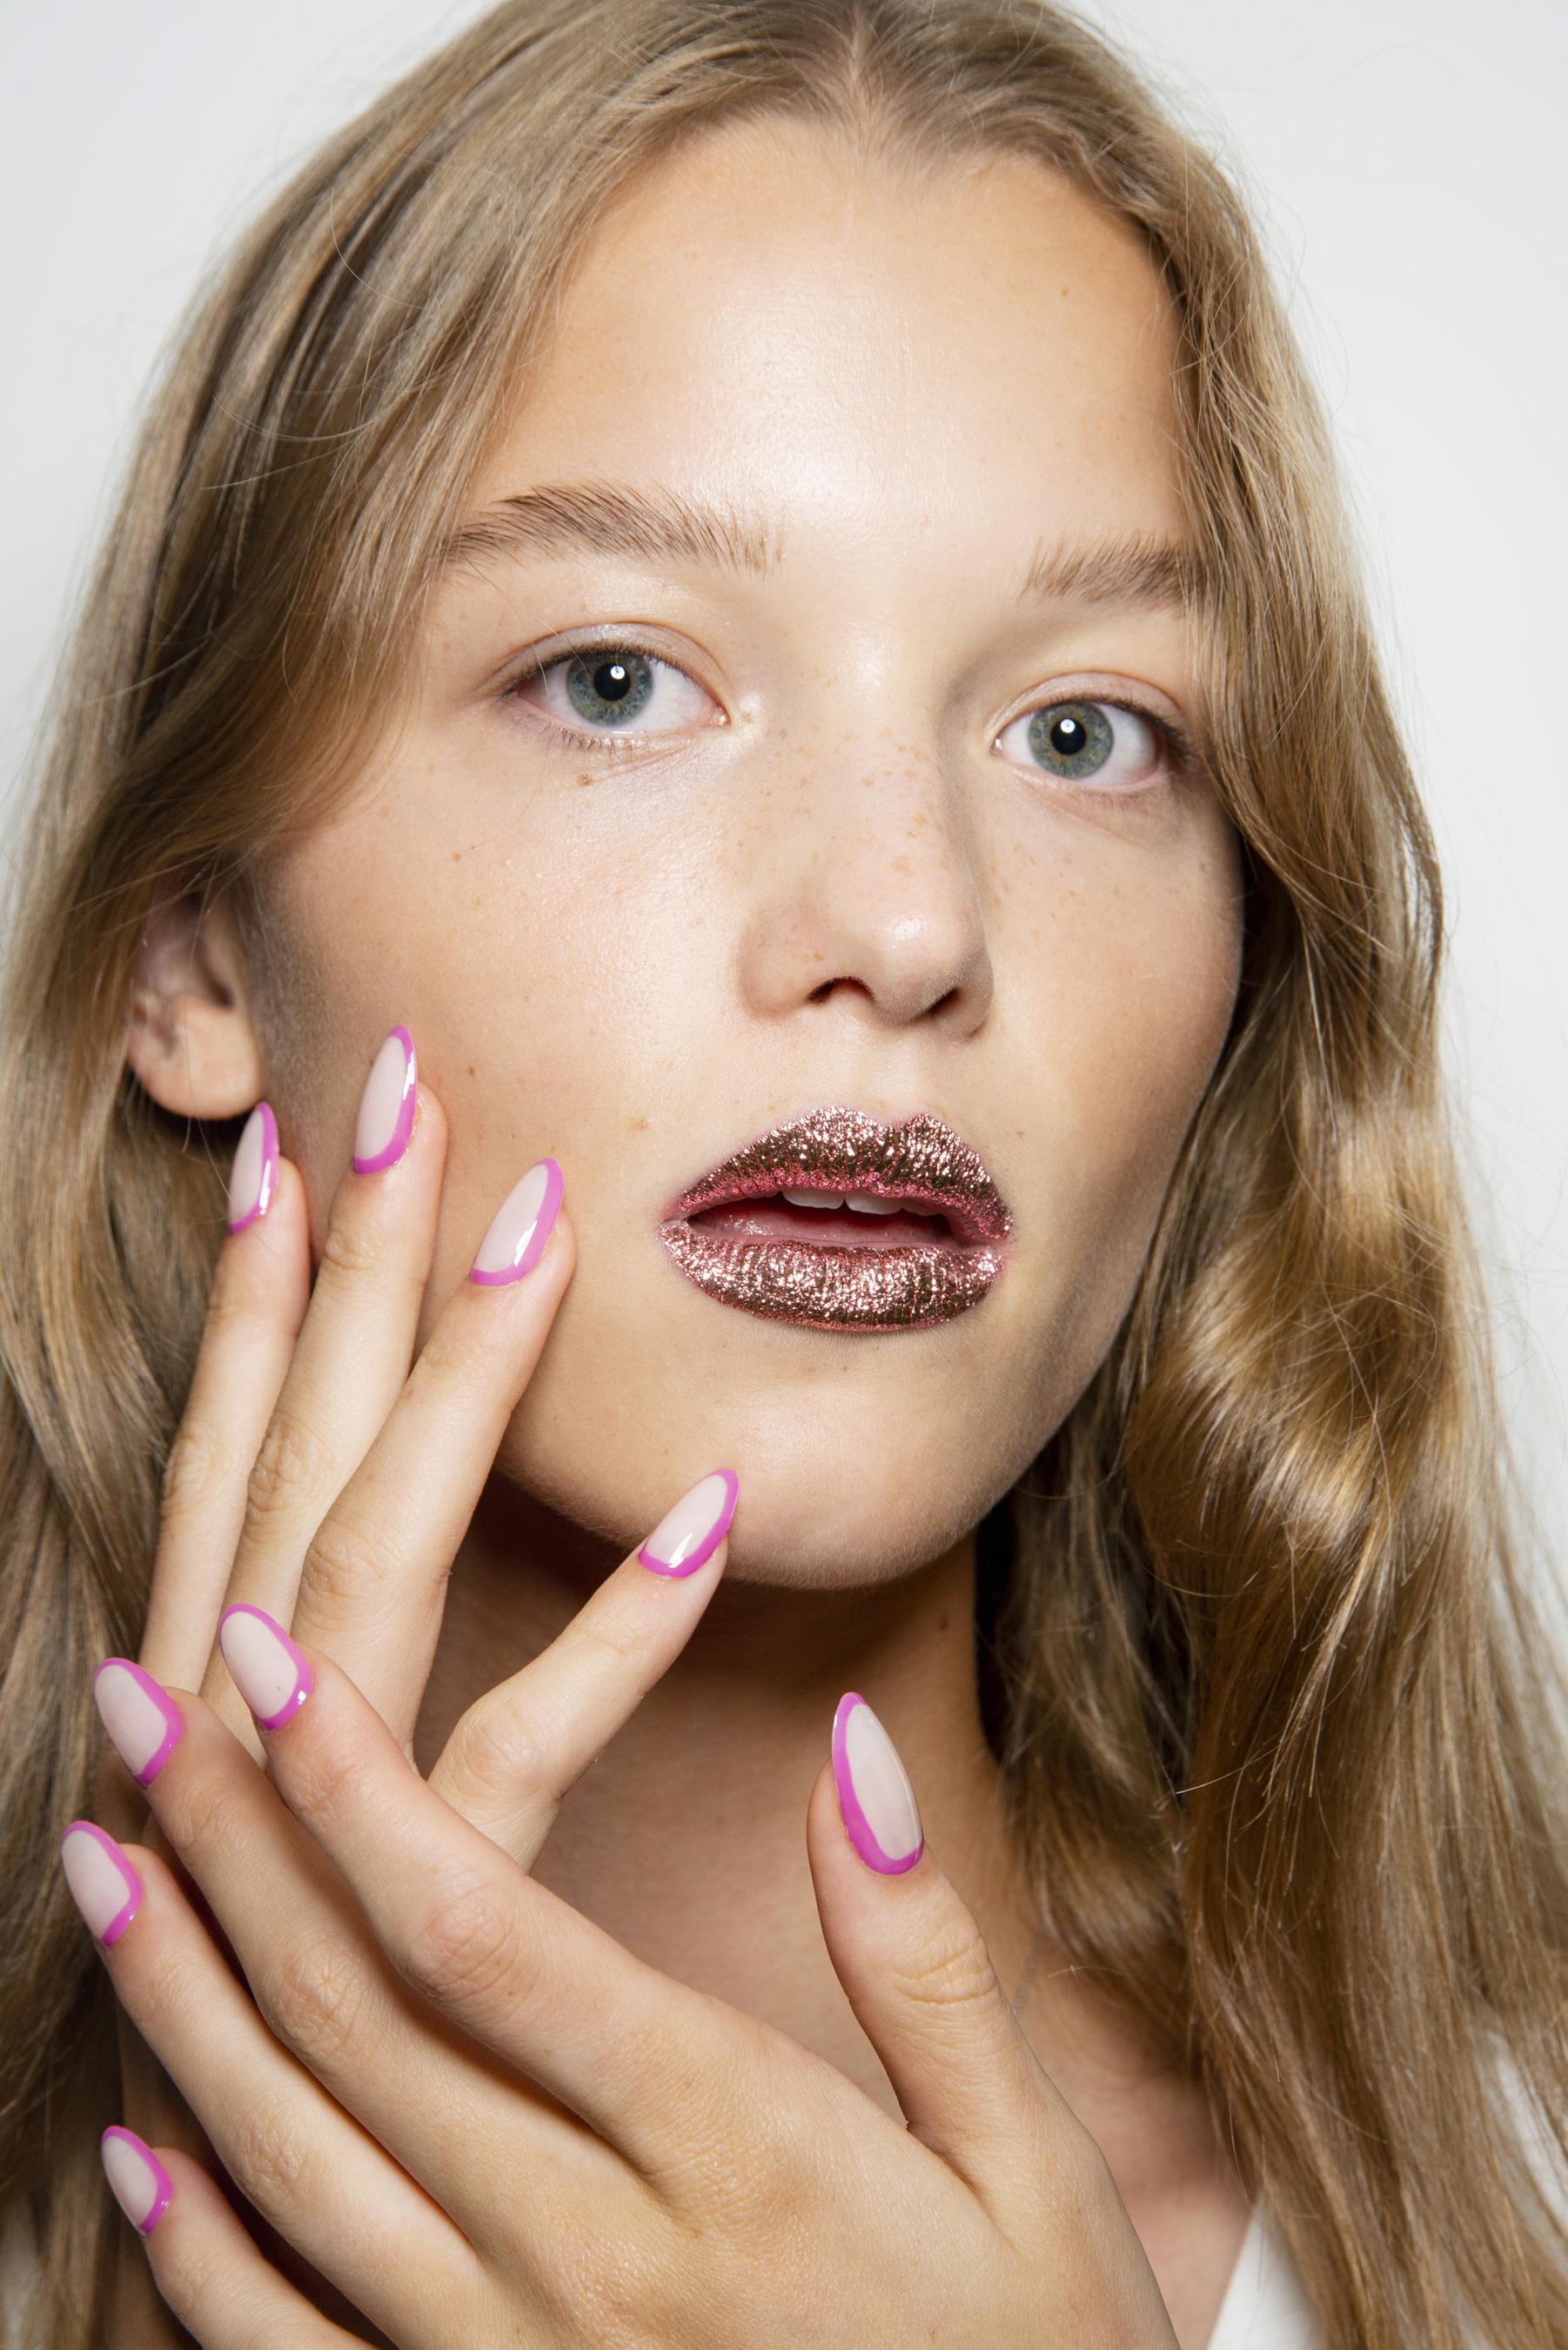 Модный весенний маникюр 2021 - модные тенденции, фото, дизай